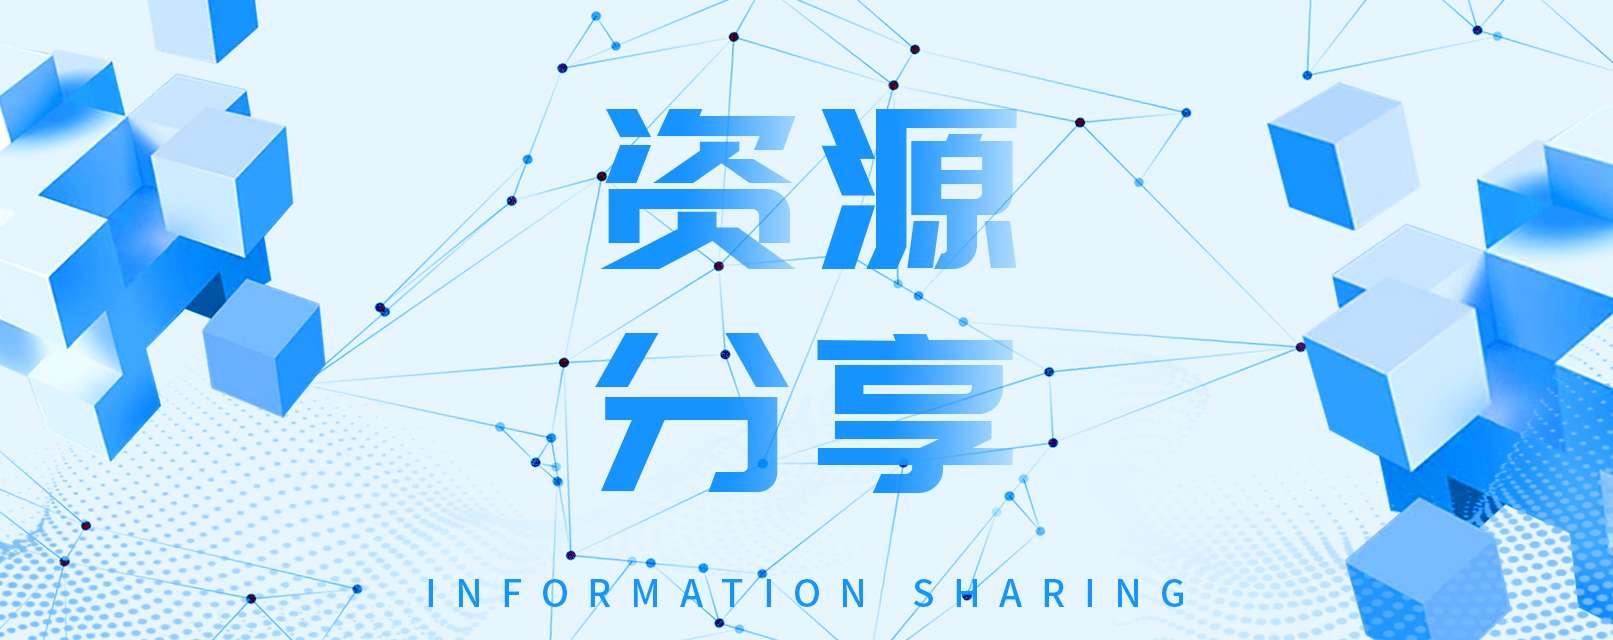 【资源分享】矢量编程(编程必备)